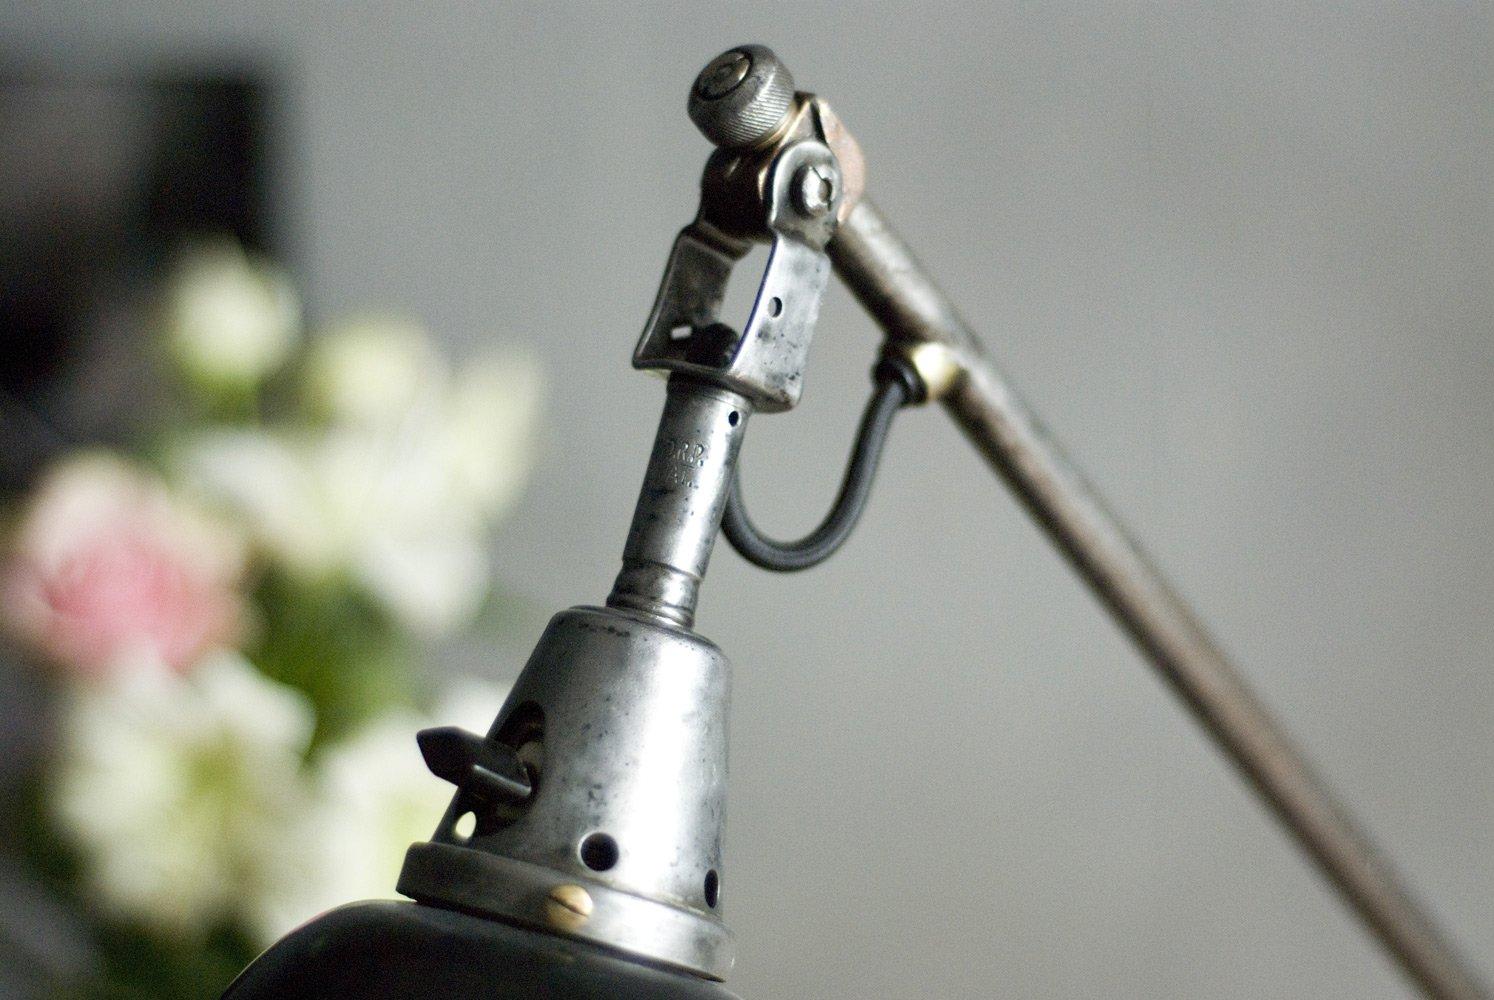 Grande Lampe  Ciseaux Modle 112 Vintage par Curt Fischer pour Midgard  Industriewerke Auma en